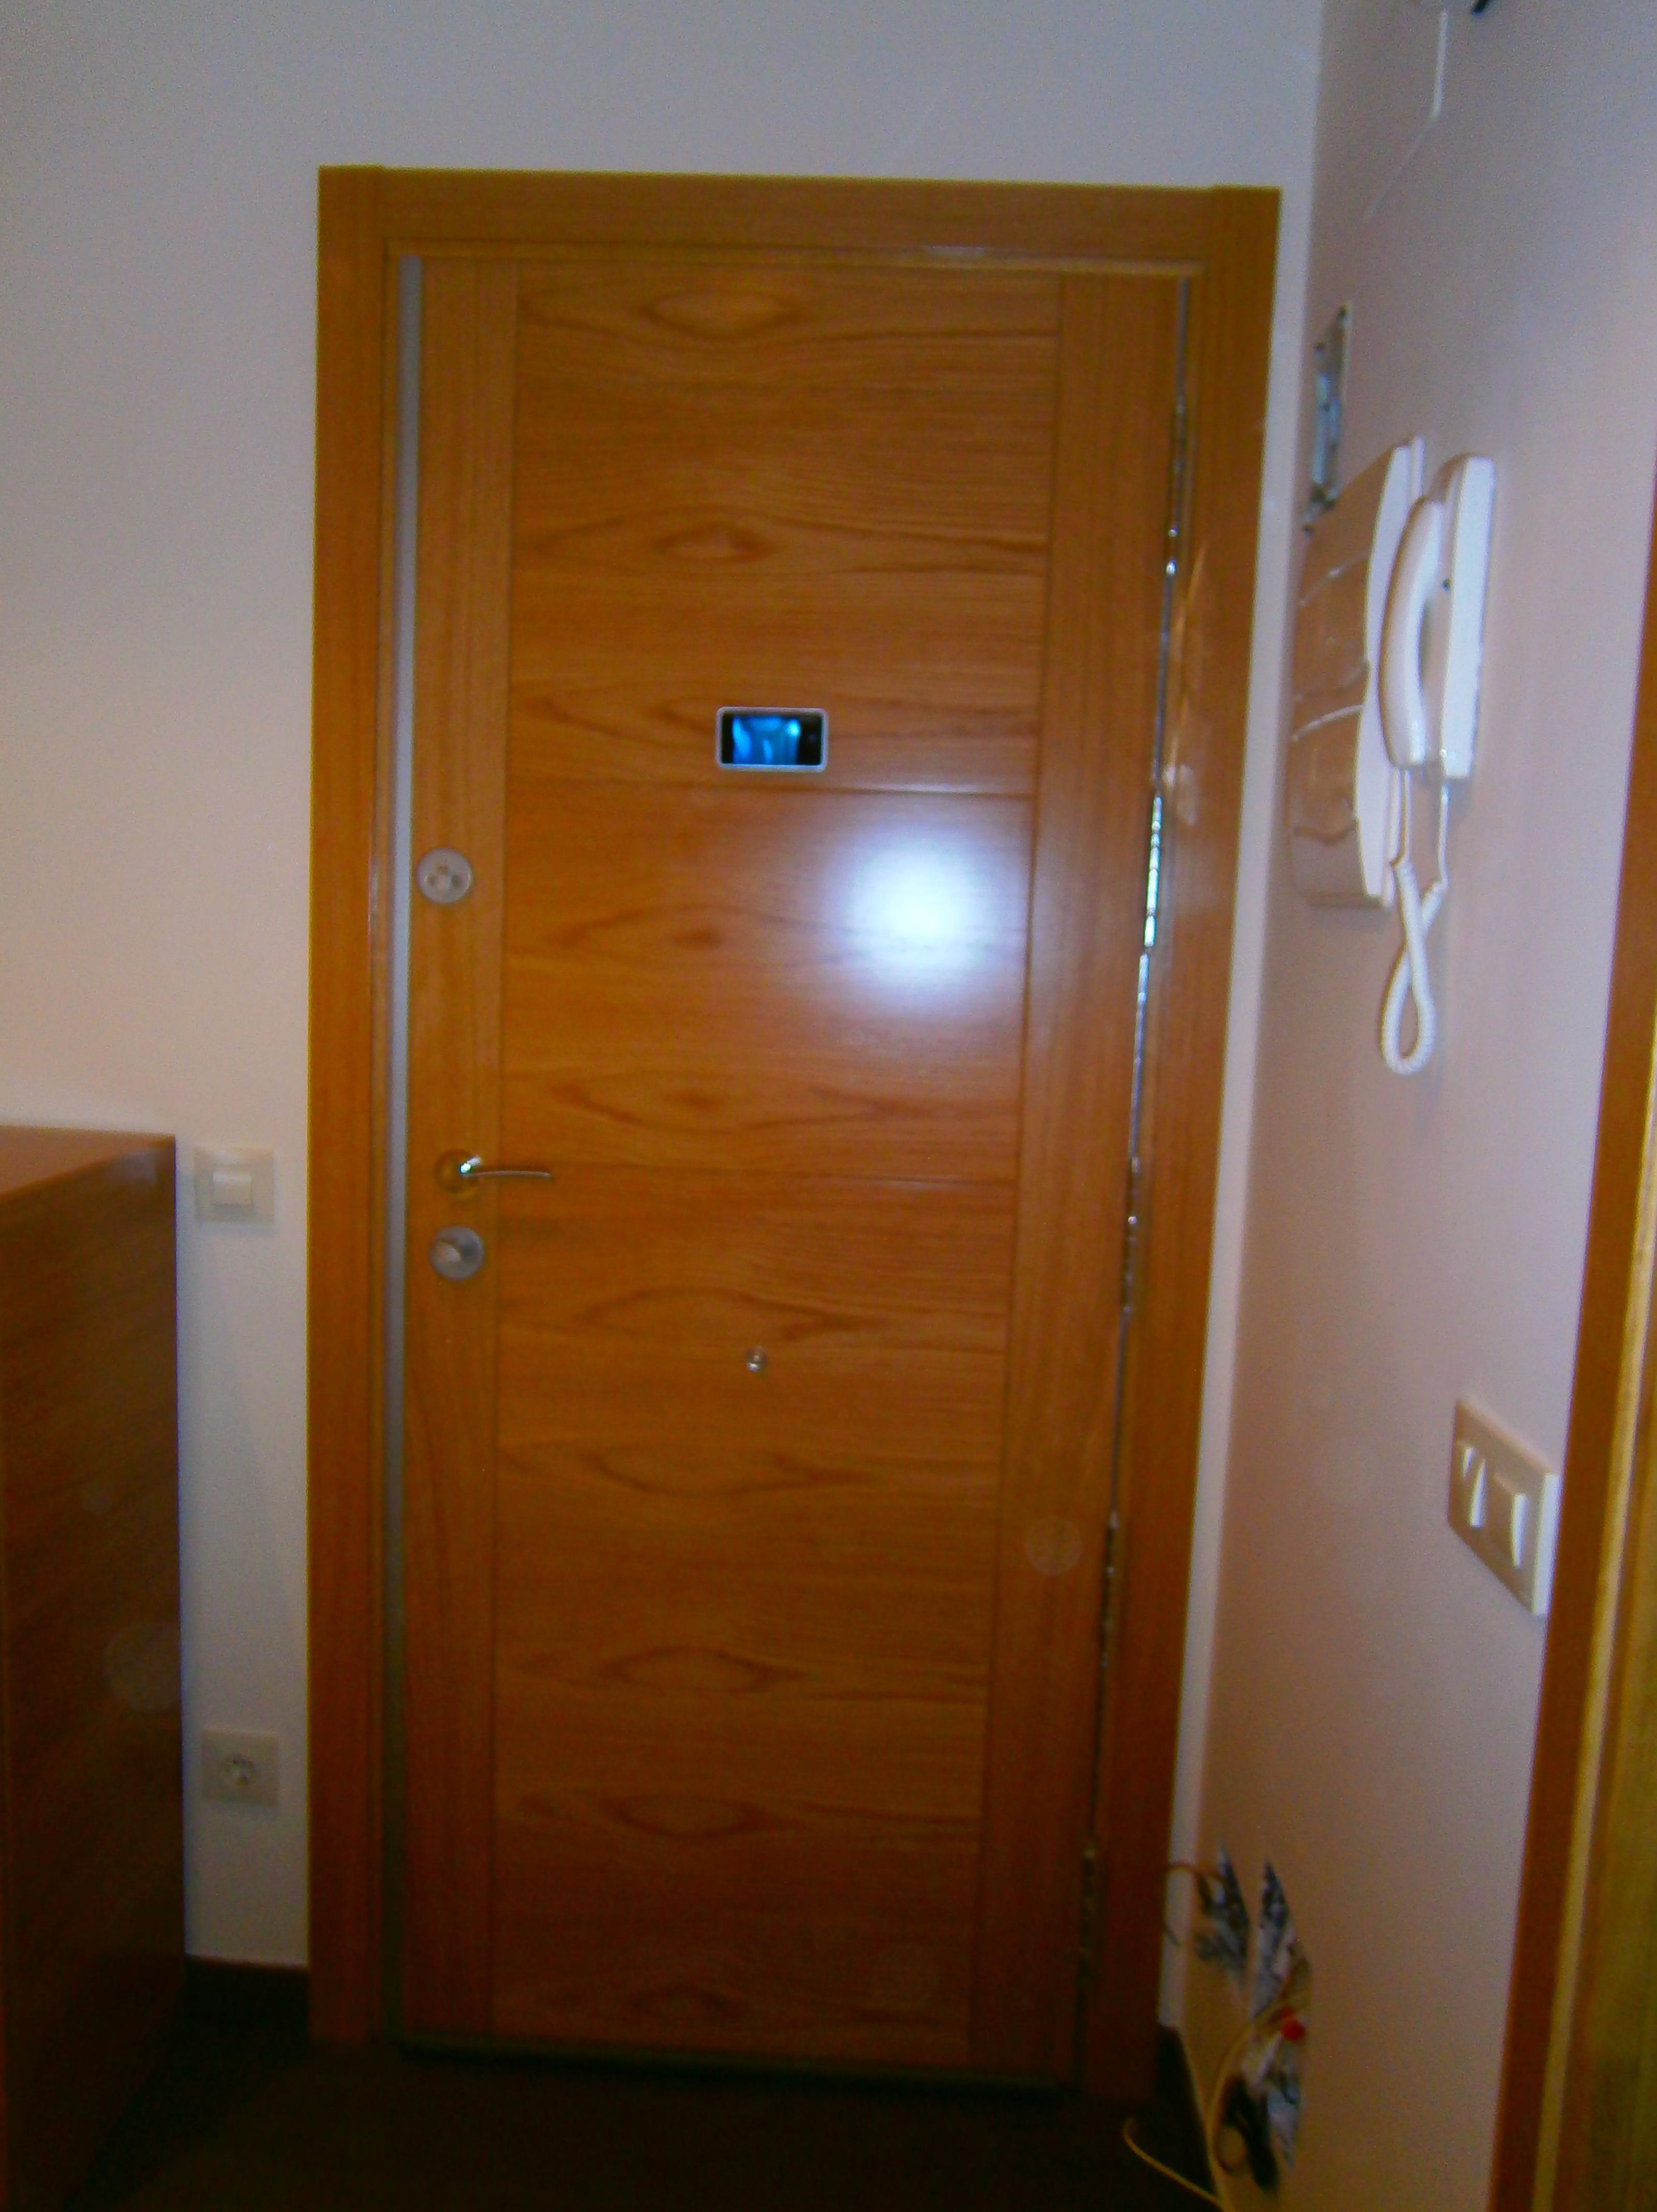 Regalo de mirilla digital con su puerta blindada - Mirillas digitales para puertas ...